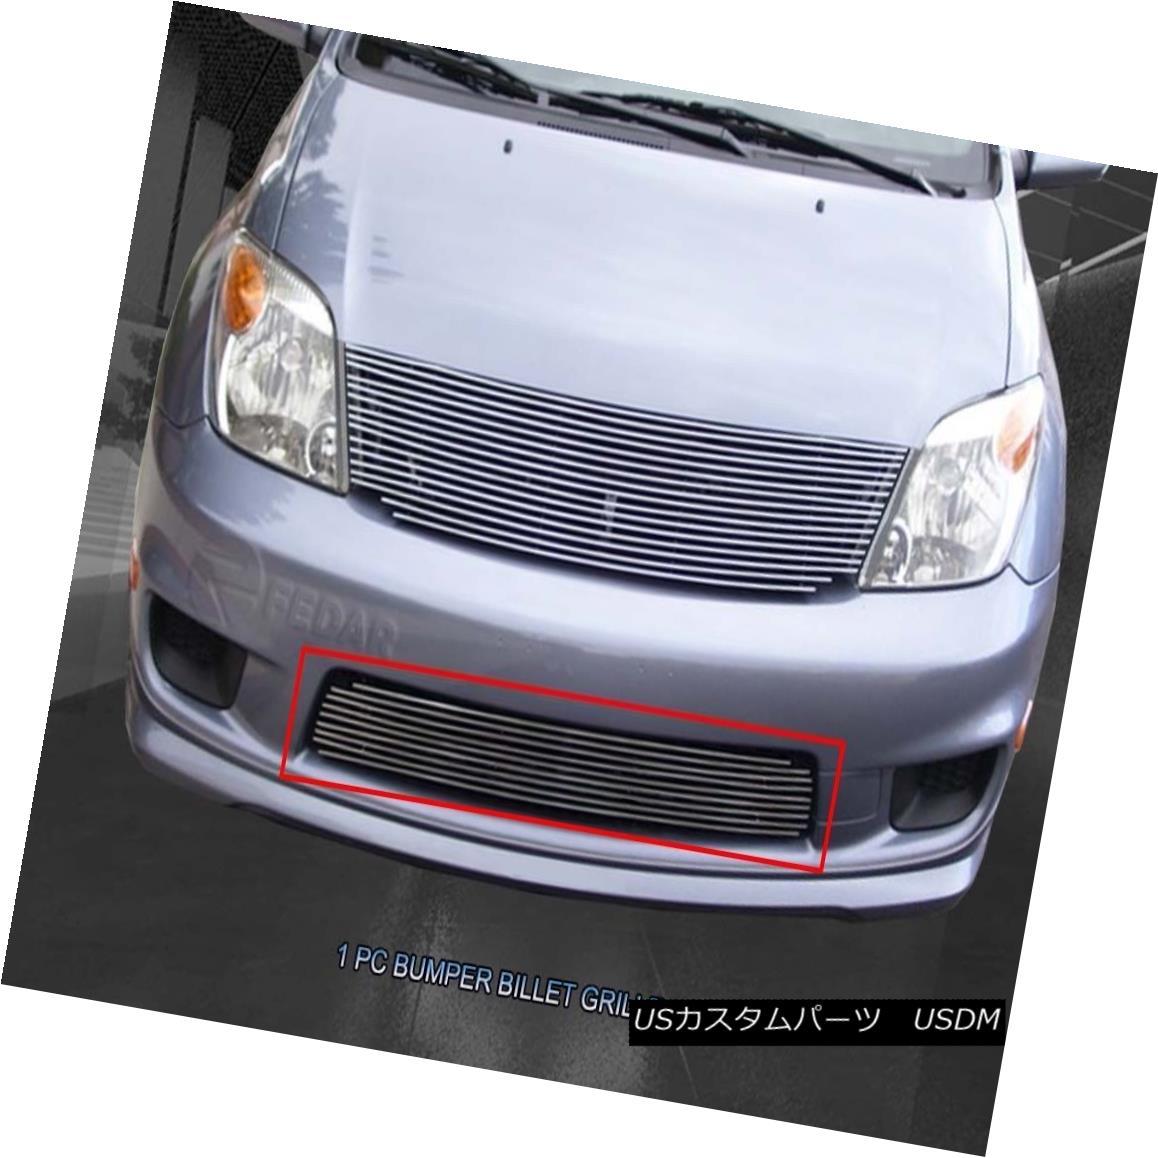 グリル For 2003-2007 Scion XA Bolt-On Billet Grill Lower Bumper Grill Insert Fedar 2003-2007シオンXAボルトオンビレットグリルロワーバンパーグリルインサートFedar